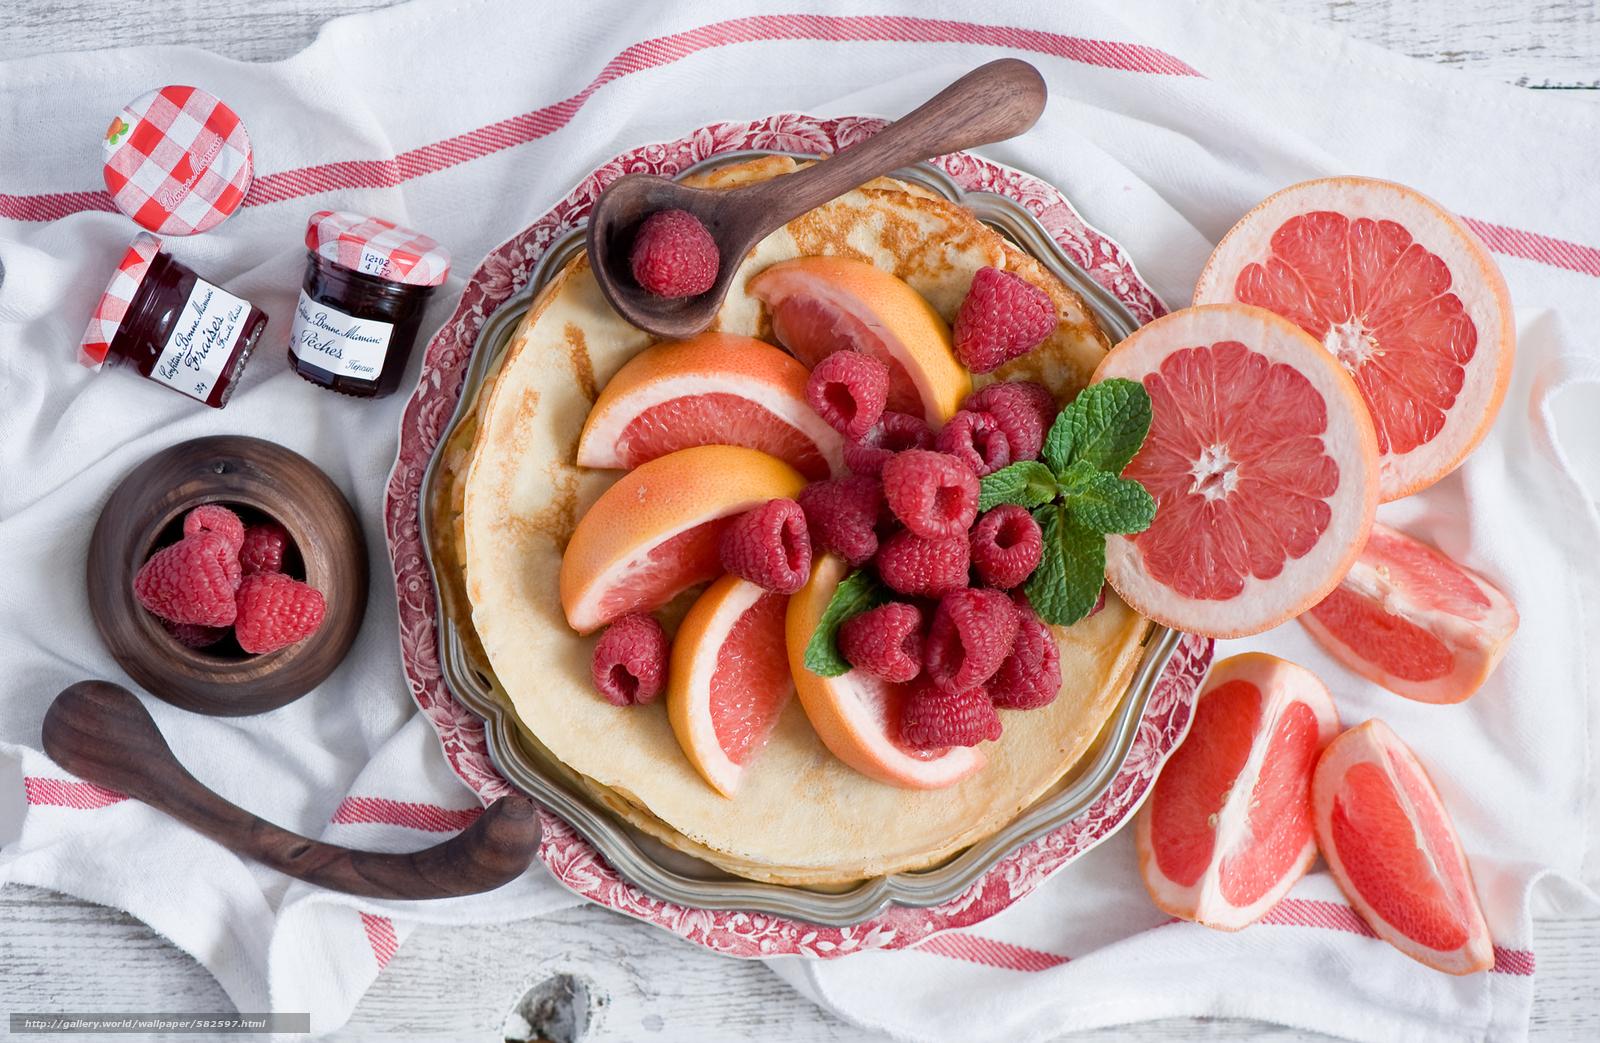 Скачать обои фрукт,  блины,  баночки,  цитрус бесплатно для рабочего стола в разрешении 2000x1304 — картинка №582597